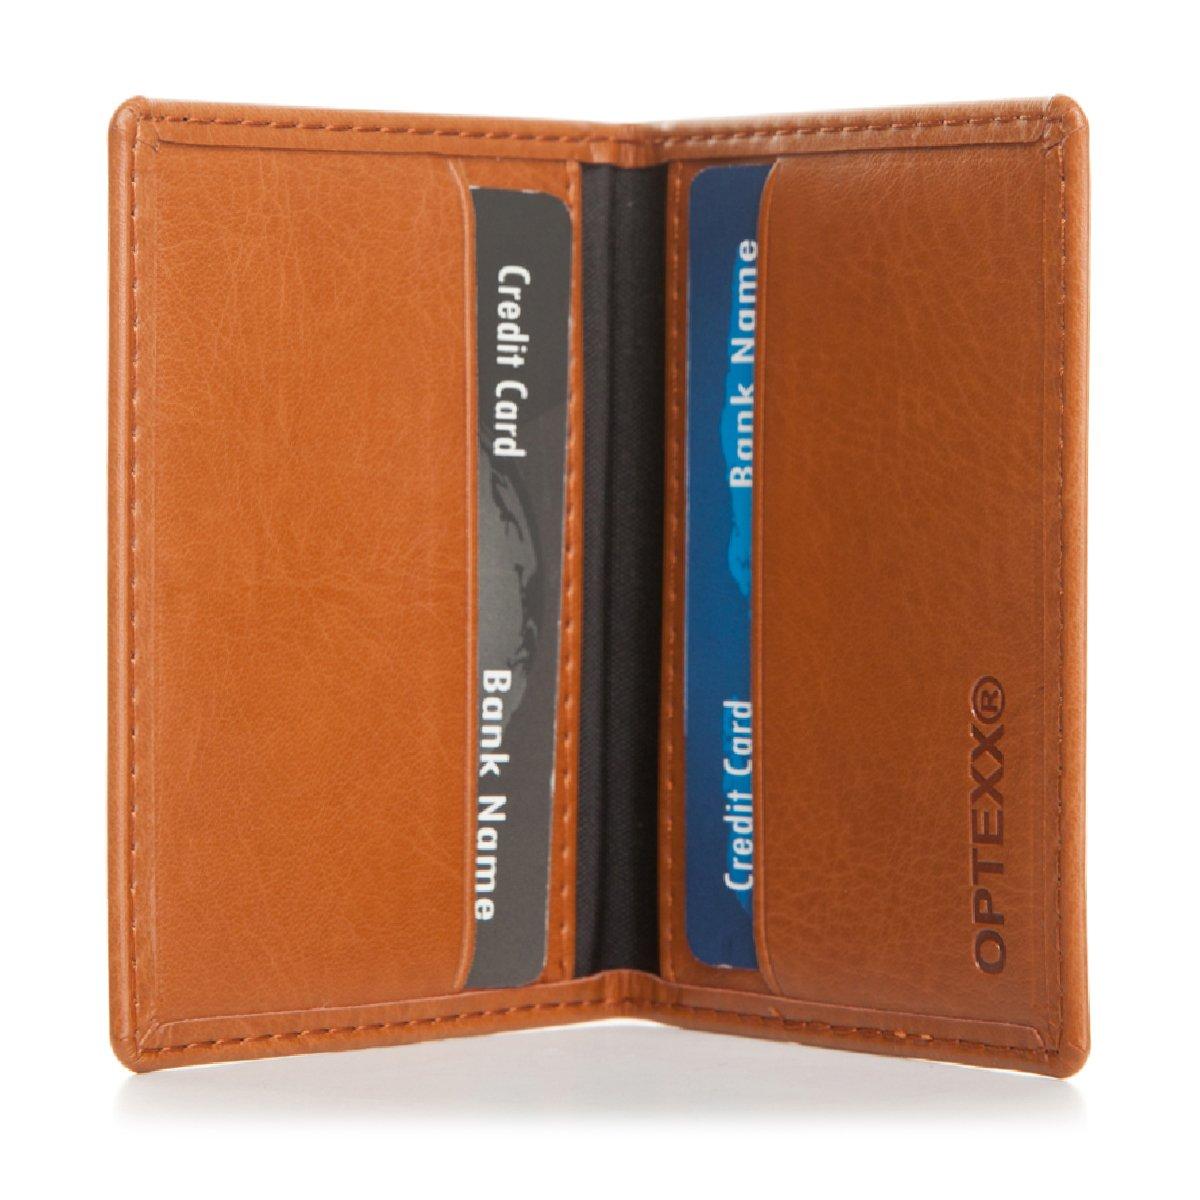 OPTEXX w5082015Carte Etui RFID pour Cartes de Crédit Homme/Femme avec protection certifiée TÜV et zerifiziert OPTEXX GmbH